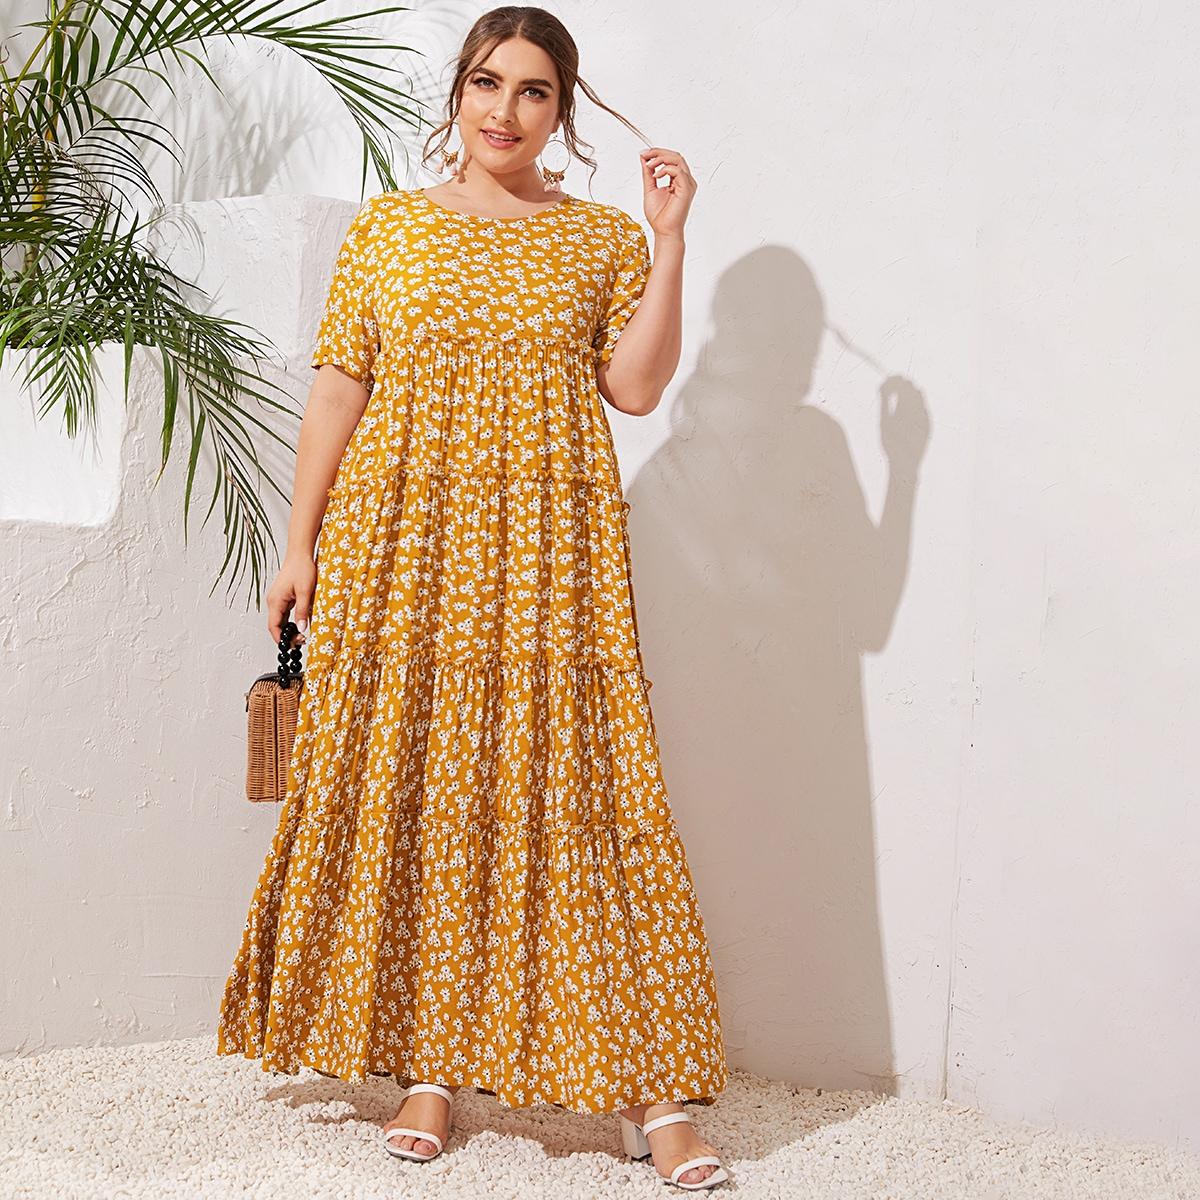 Цветочное платье размера плюс